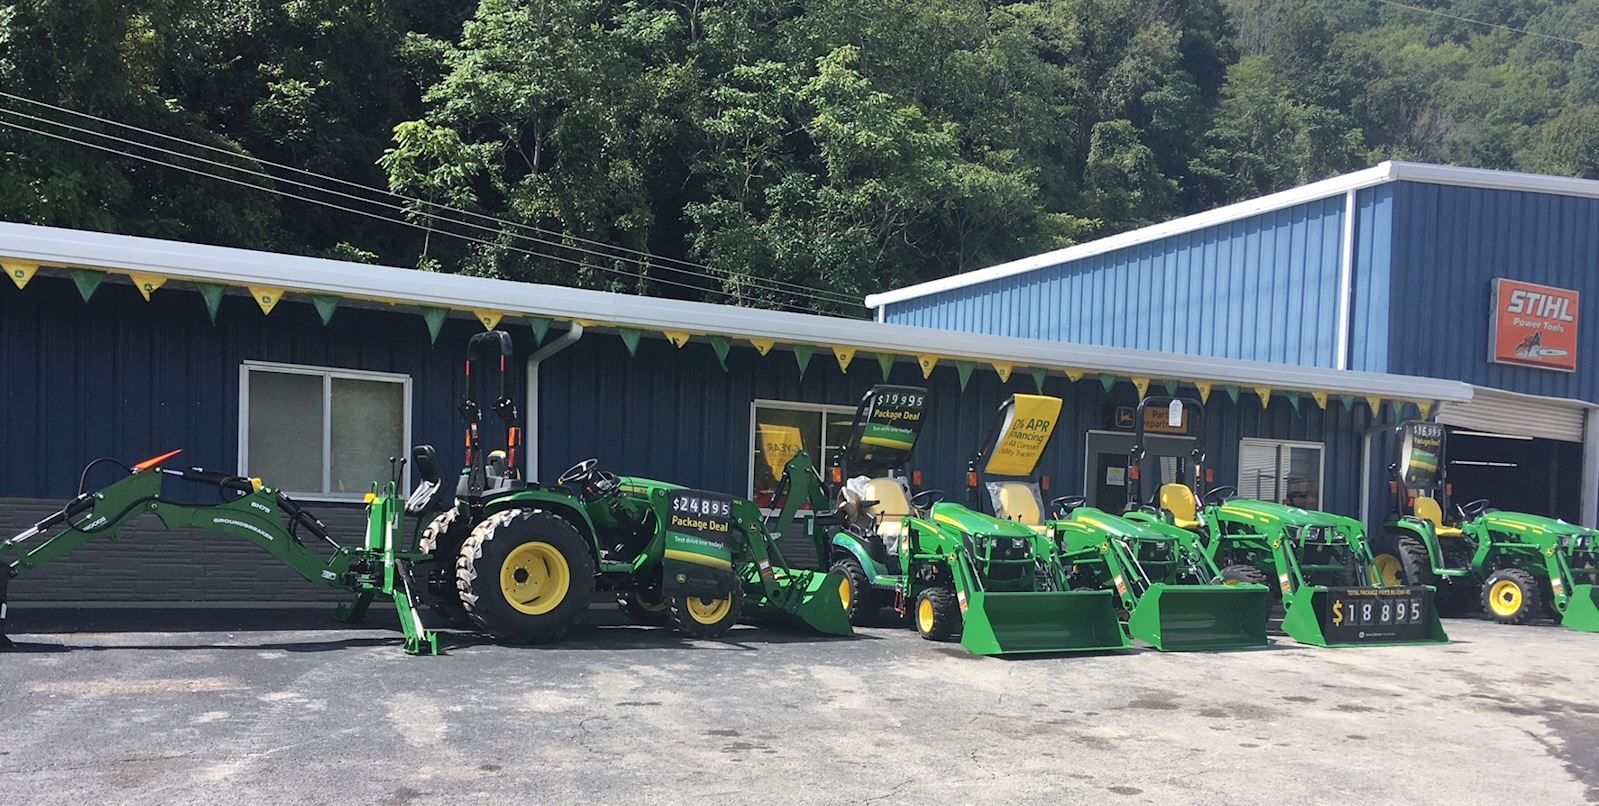 Meade Tractor of Harlan, Kentucky